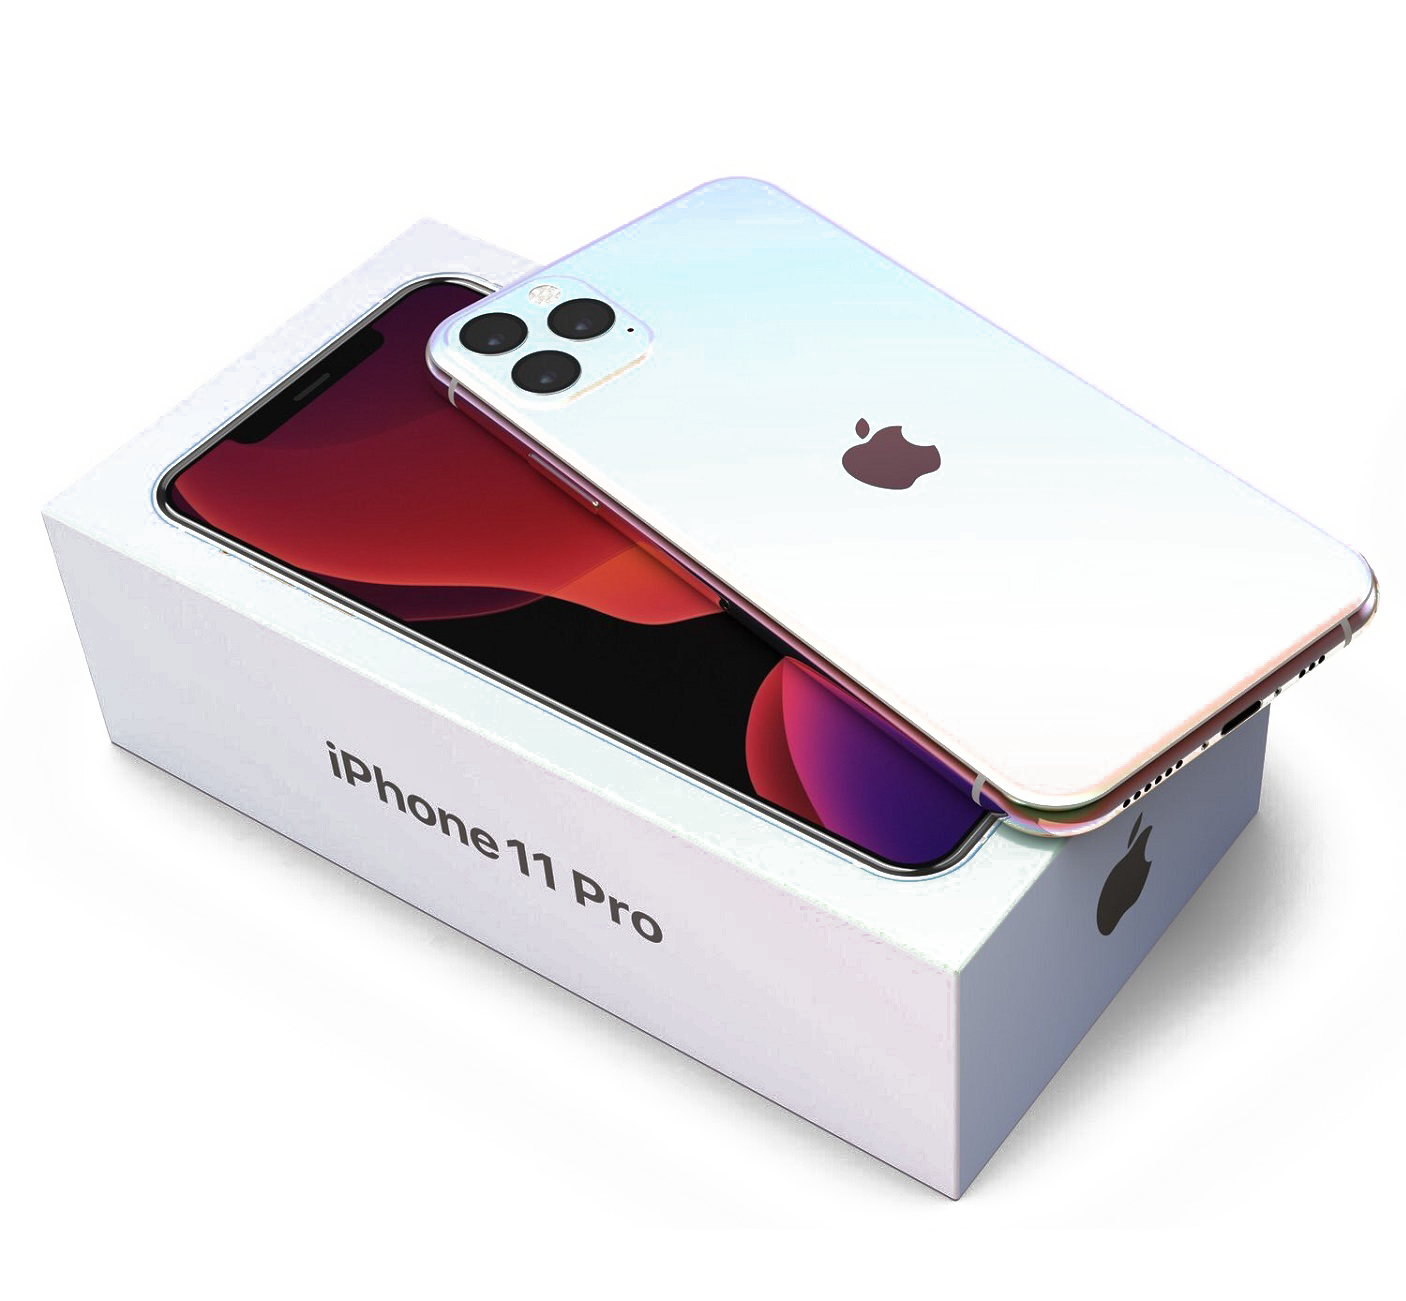 Iphone (Openbox)